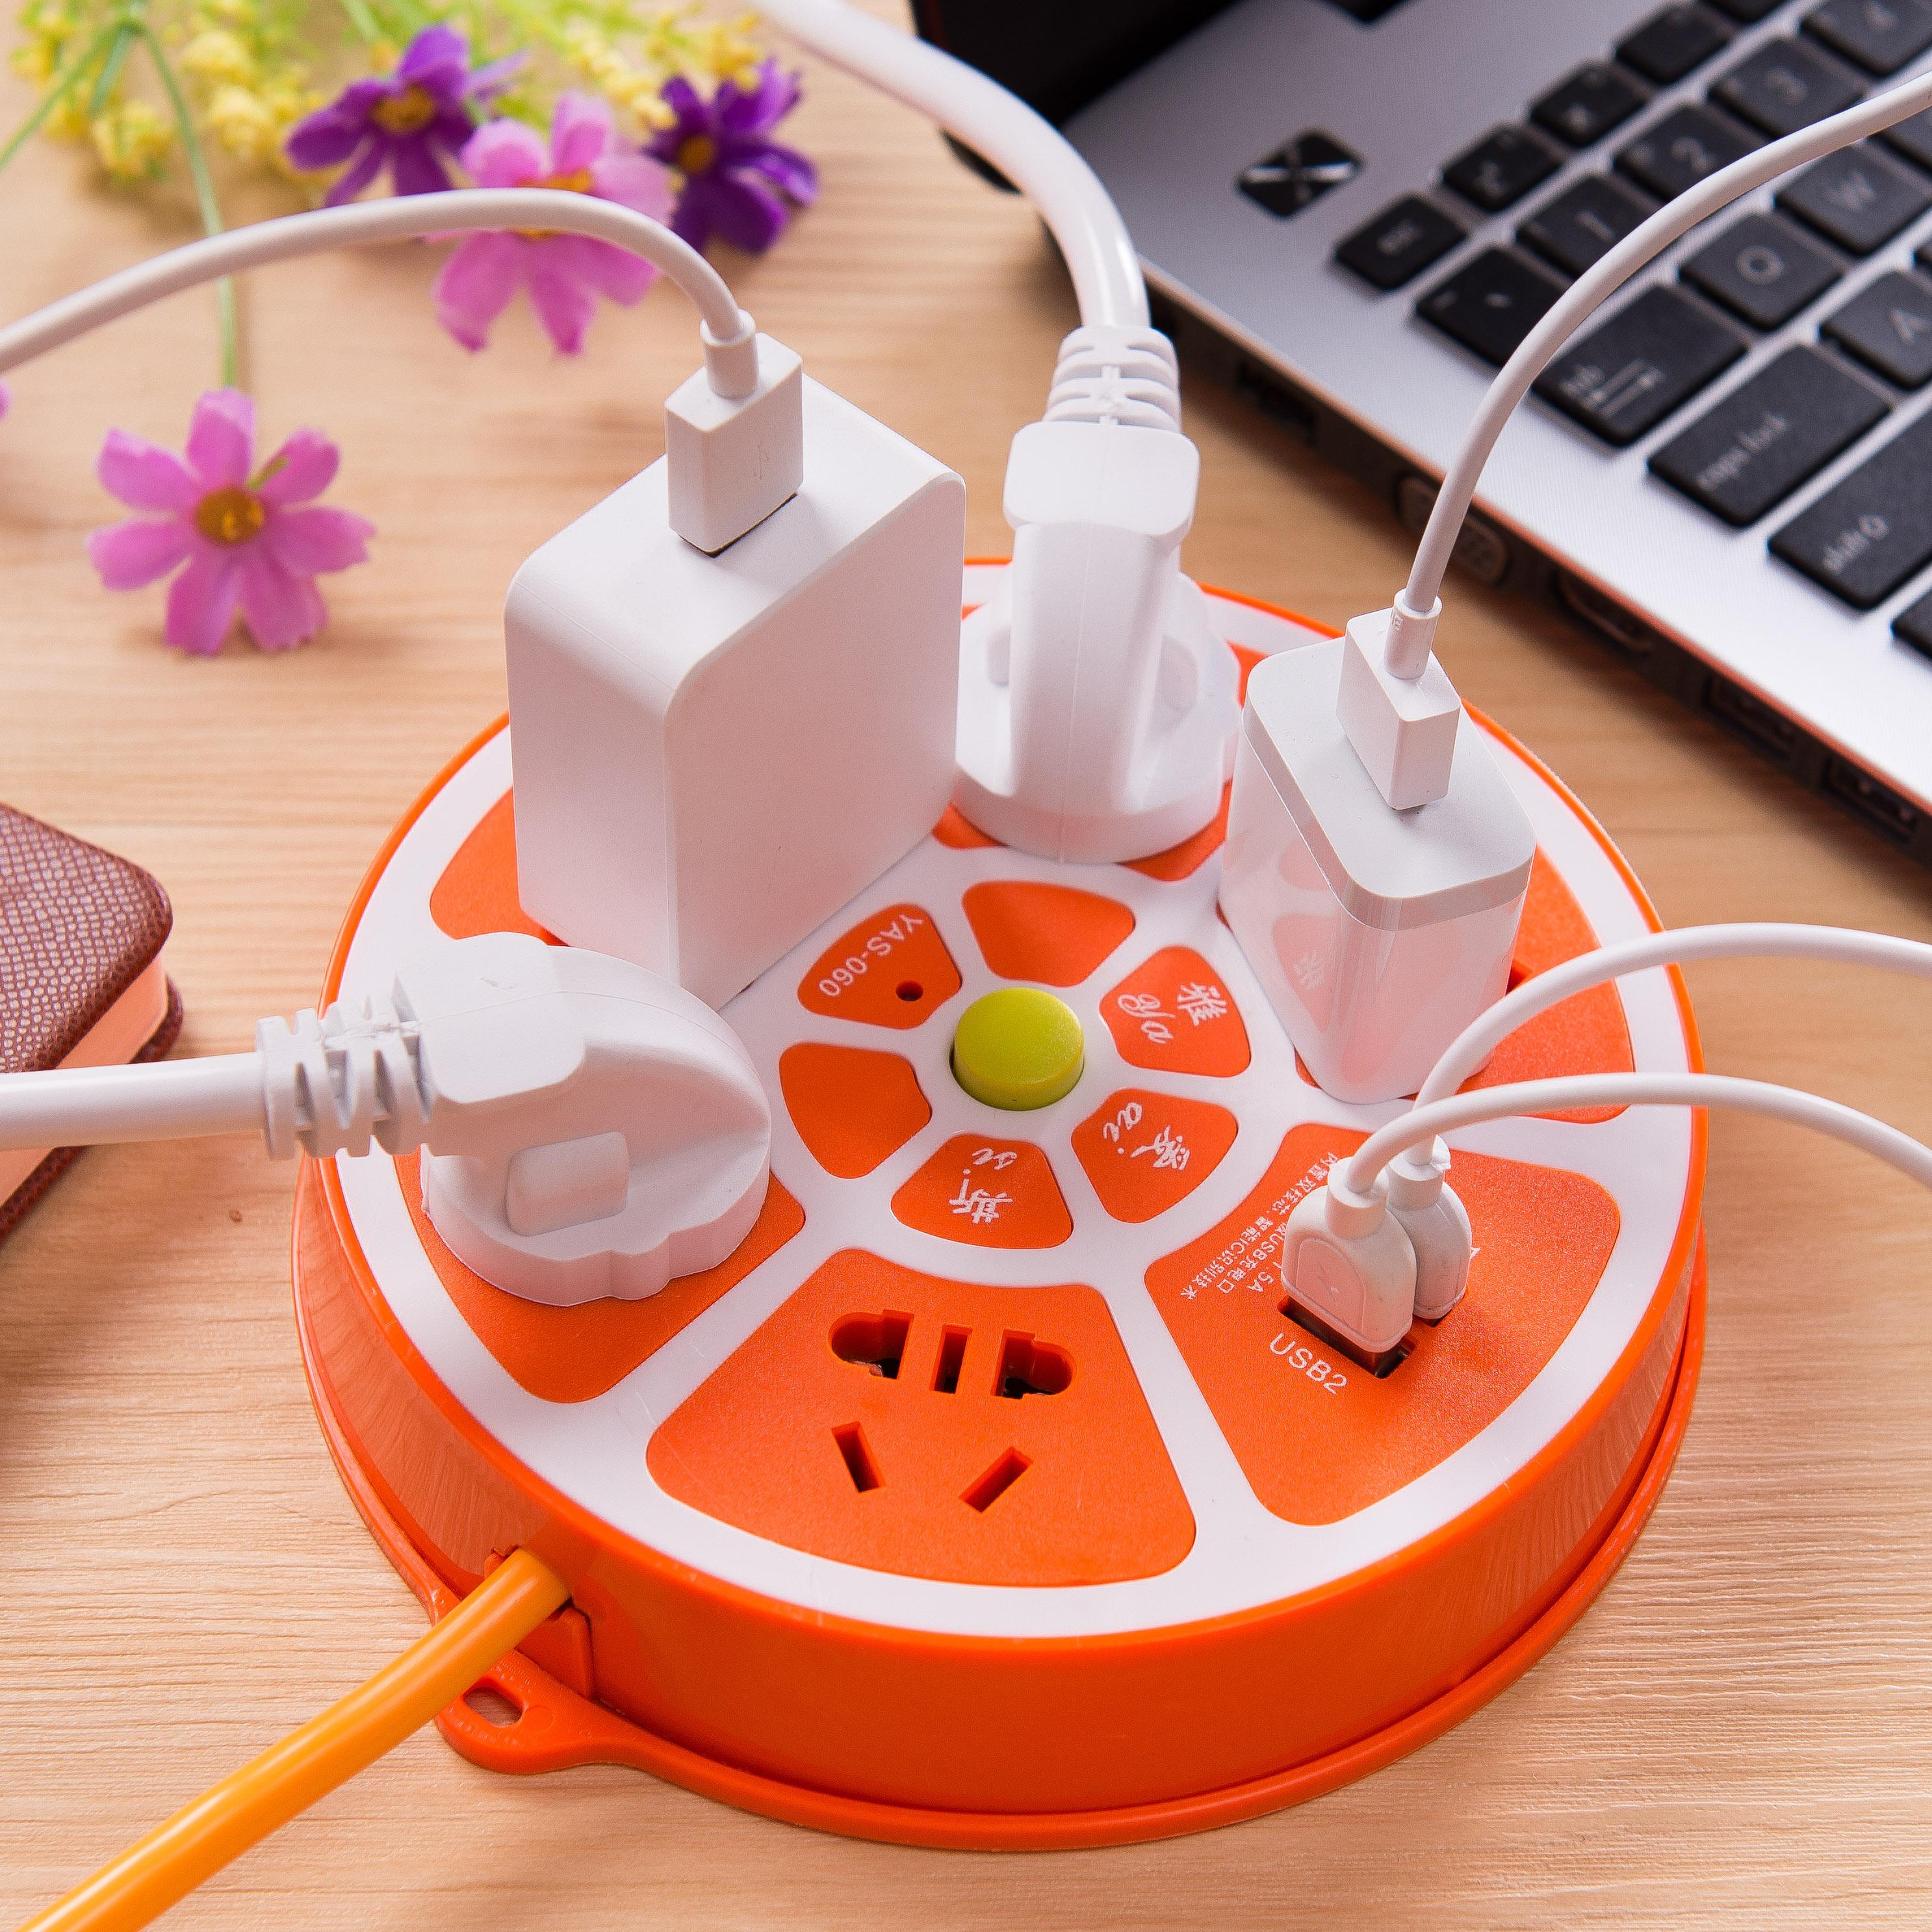 创意智能多功能插座带USB开关多孔电源家用排插多用充电器插线板